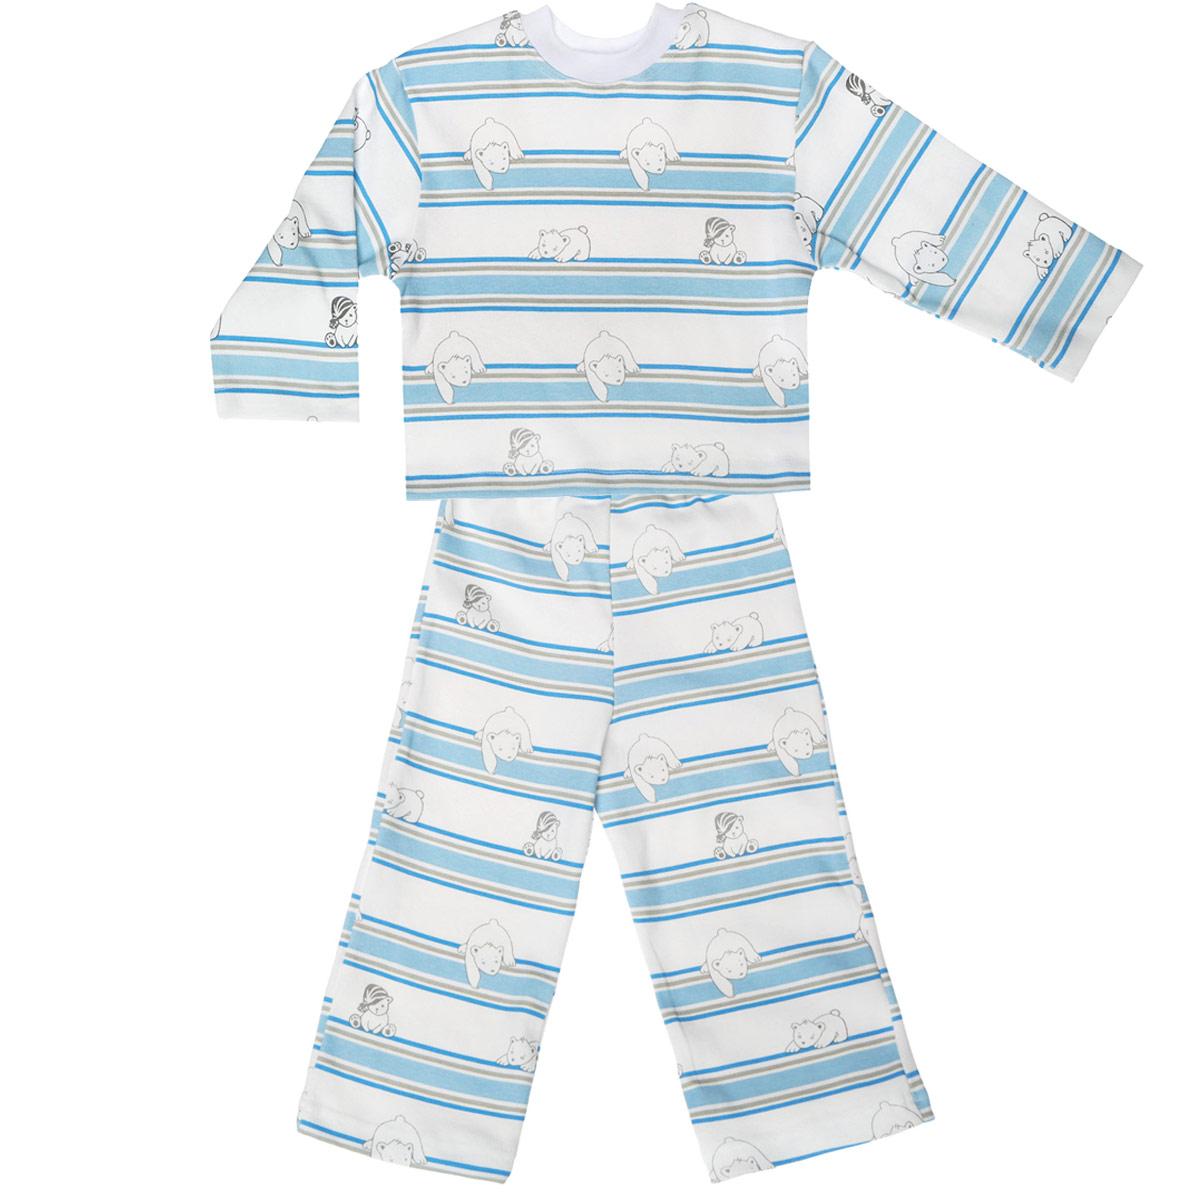 5584_мишка, полоскаУютная детская пижама Трон-плюс, состоящая из джемпера и брюк, идеально подойдет вашему ребенку и станет отличным дополнением к детскому гардеробу. Изготовленная из натурального хлопка, она необычайно мягкая и легкая, не сковывает движения, позволяет коже дышать и не раздражает даже самую нежную и чувствительную кожу ребенка. Джемпер с длинными рукавами и круглым вырезом горловины оформлен ненавязчивым принтом в полоску, а также изображением медвежат. Вырез горловины дополнен трикотажной эластичной резинкой. Брюки на талии имеют эластичную резинку, благодаря чему не сдавливают живот ребенка и не сползают. Оформлены брючки также ненавязчивым принтом в полоску и изображением медвежат. В такой пижаме ваш ребенок будет чувствовать себя комфортно и уютно во время сна.